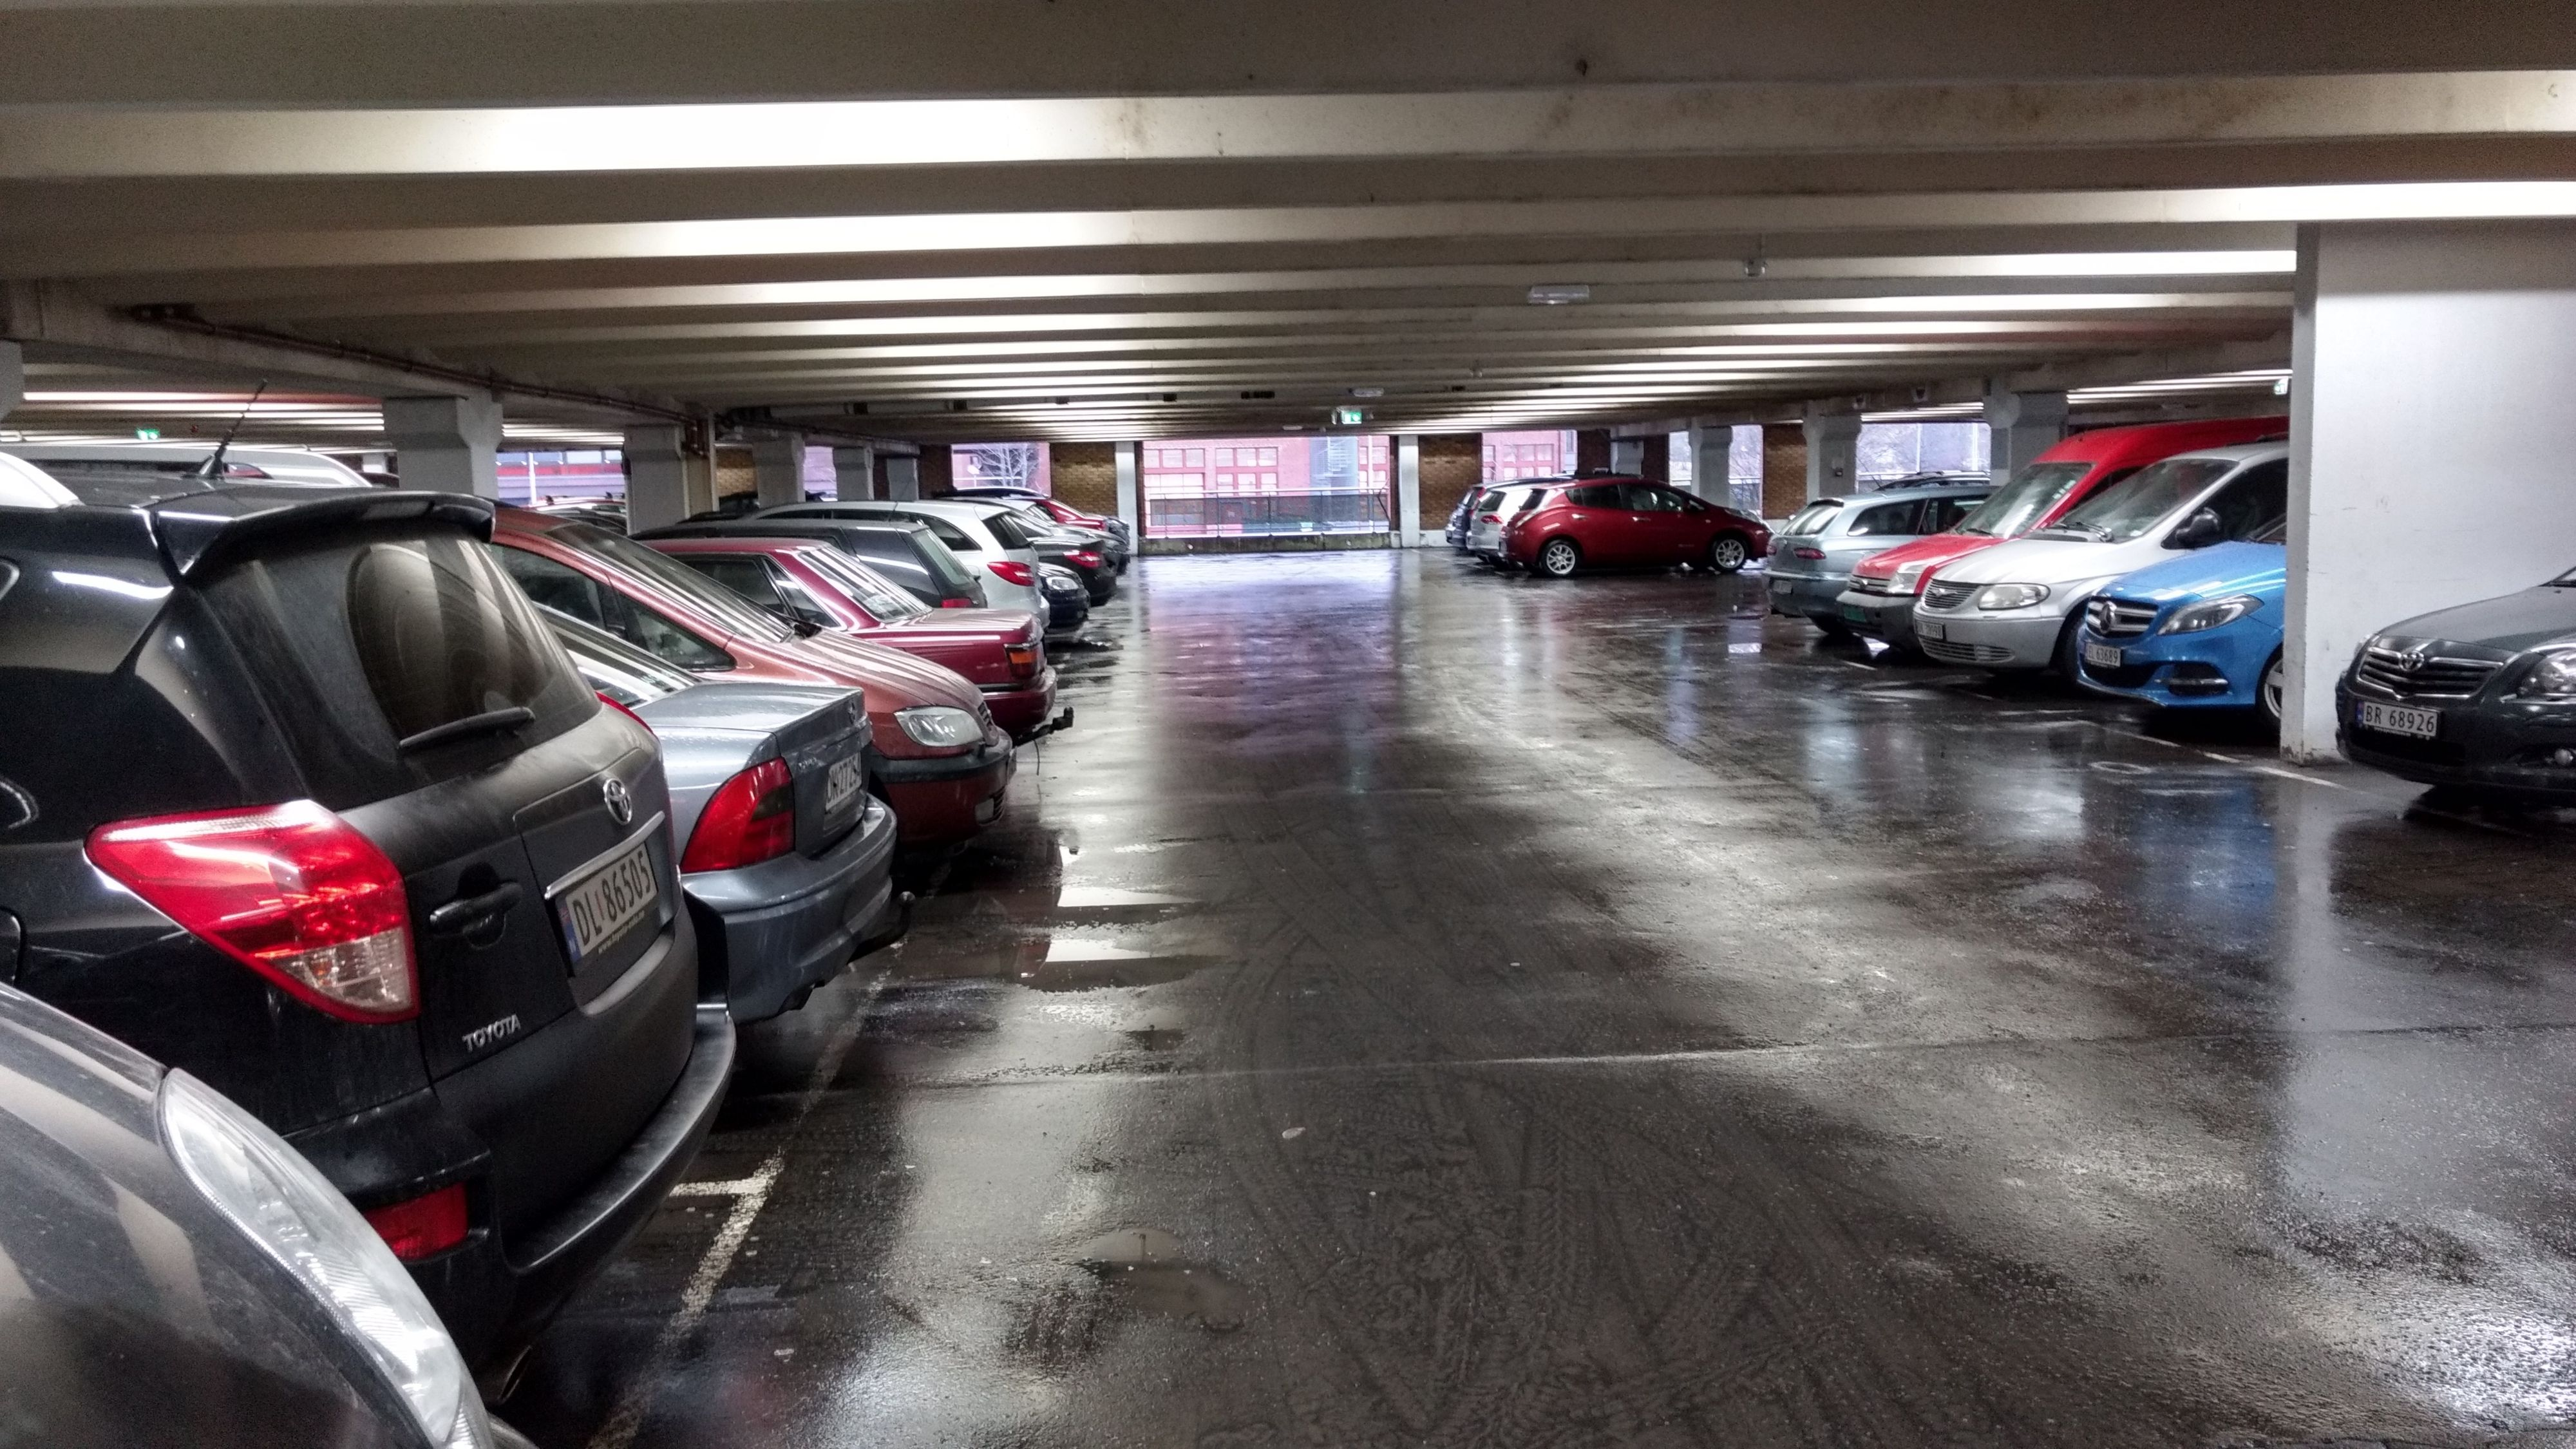 Moto Z Play innendørs, parkeringshus